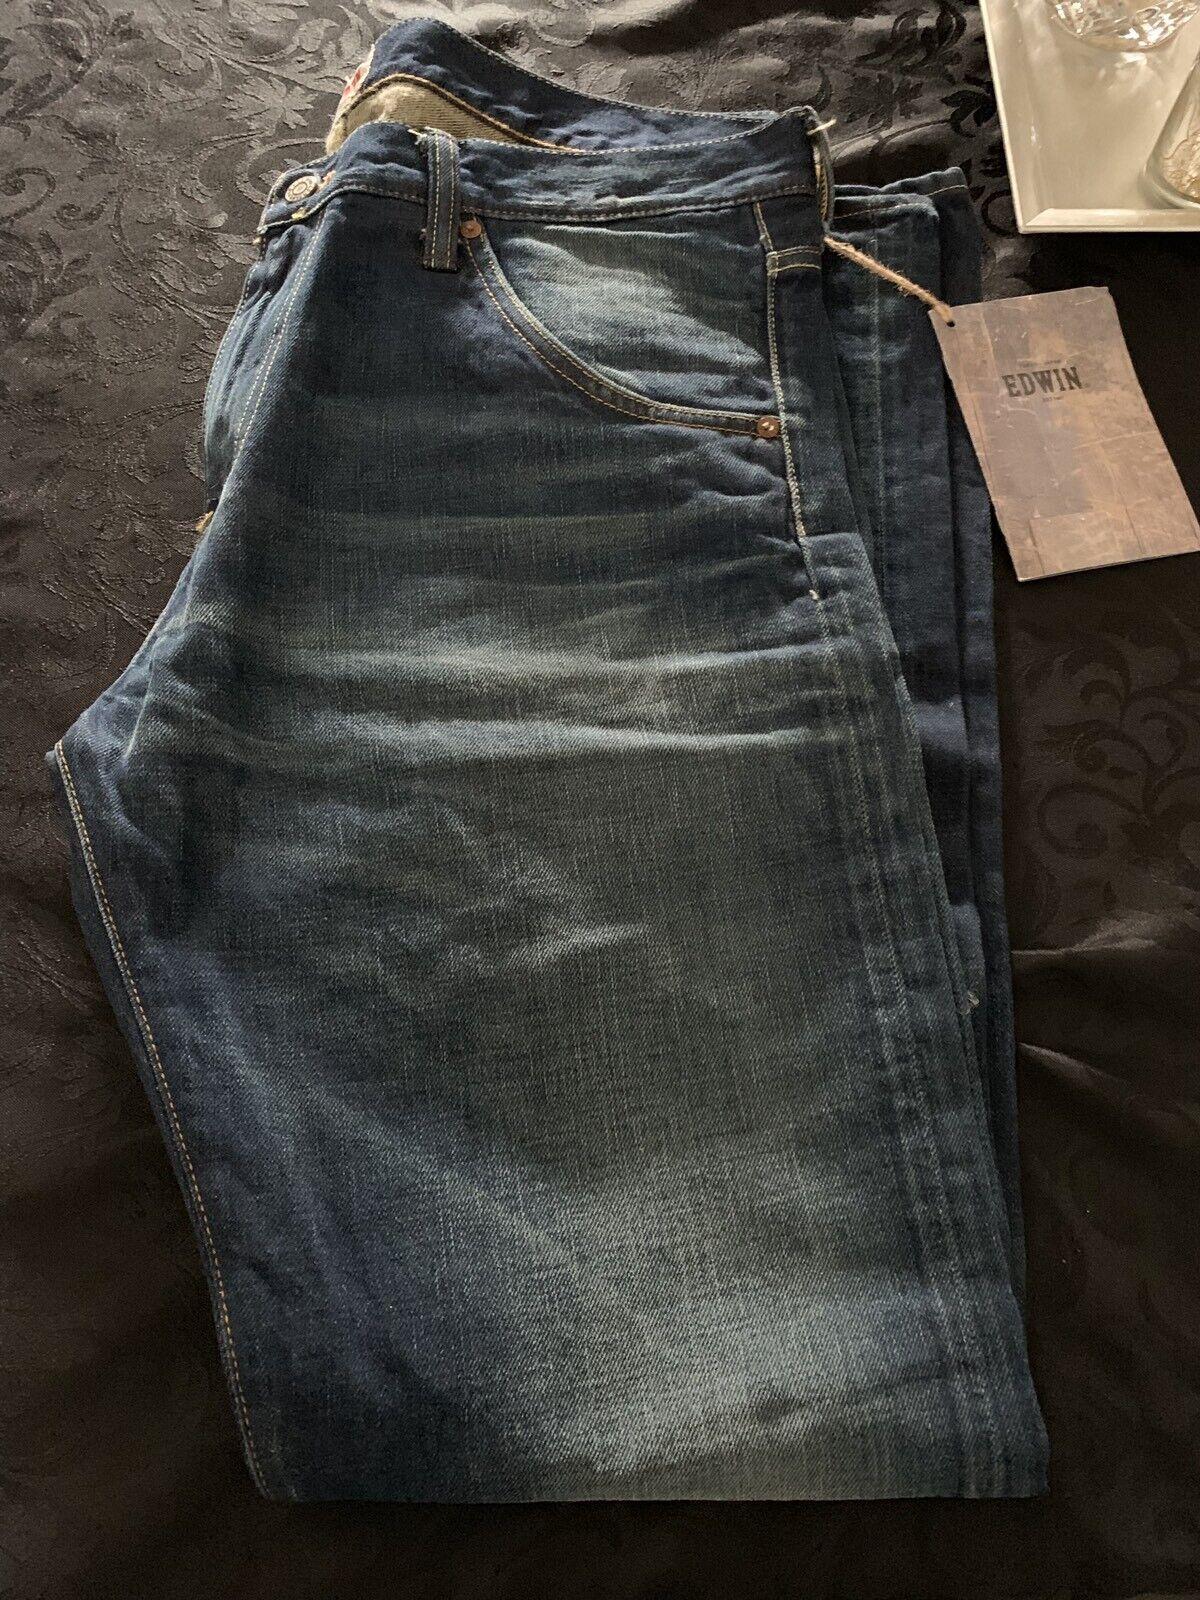 Edwin Taro Dark Wash Japan Made Jeans W38 L34